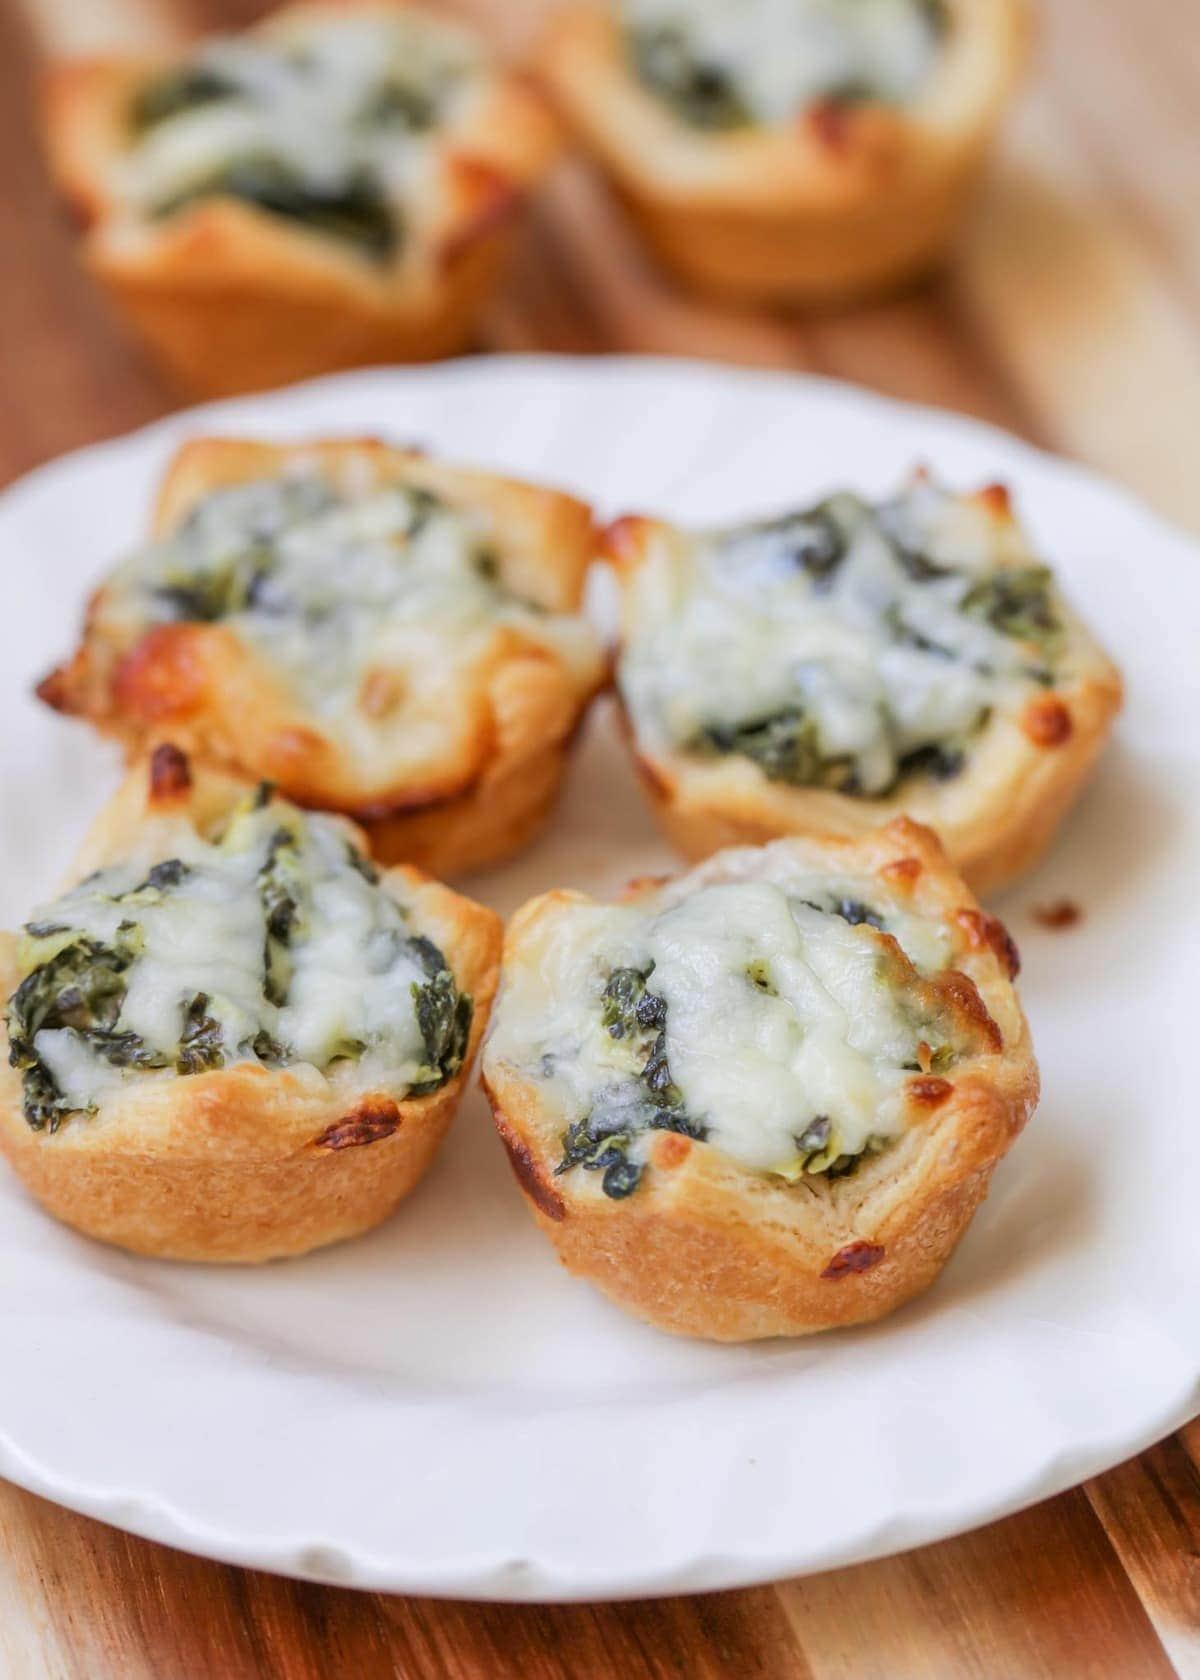 Spinach Artichoke Bites